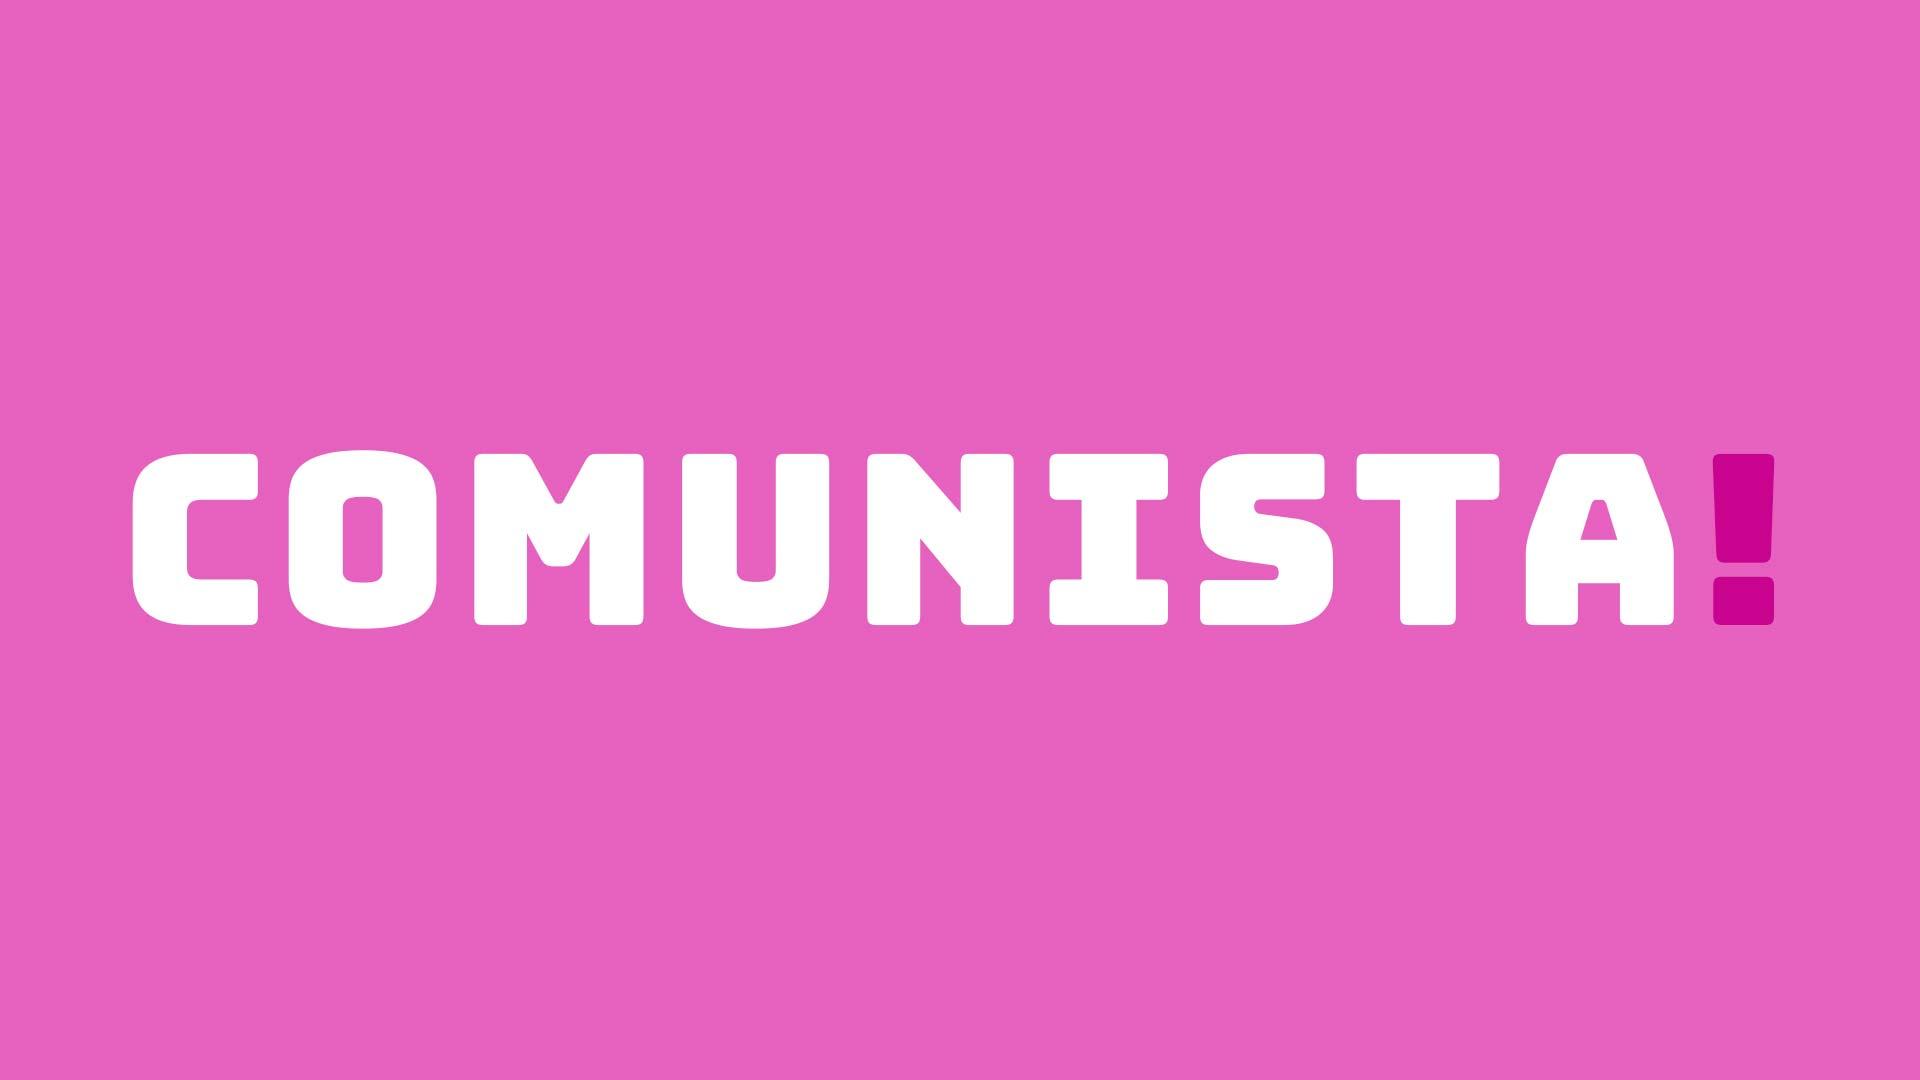 comunista! - image